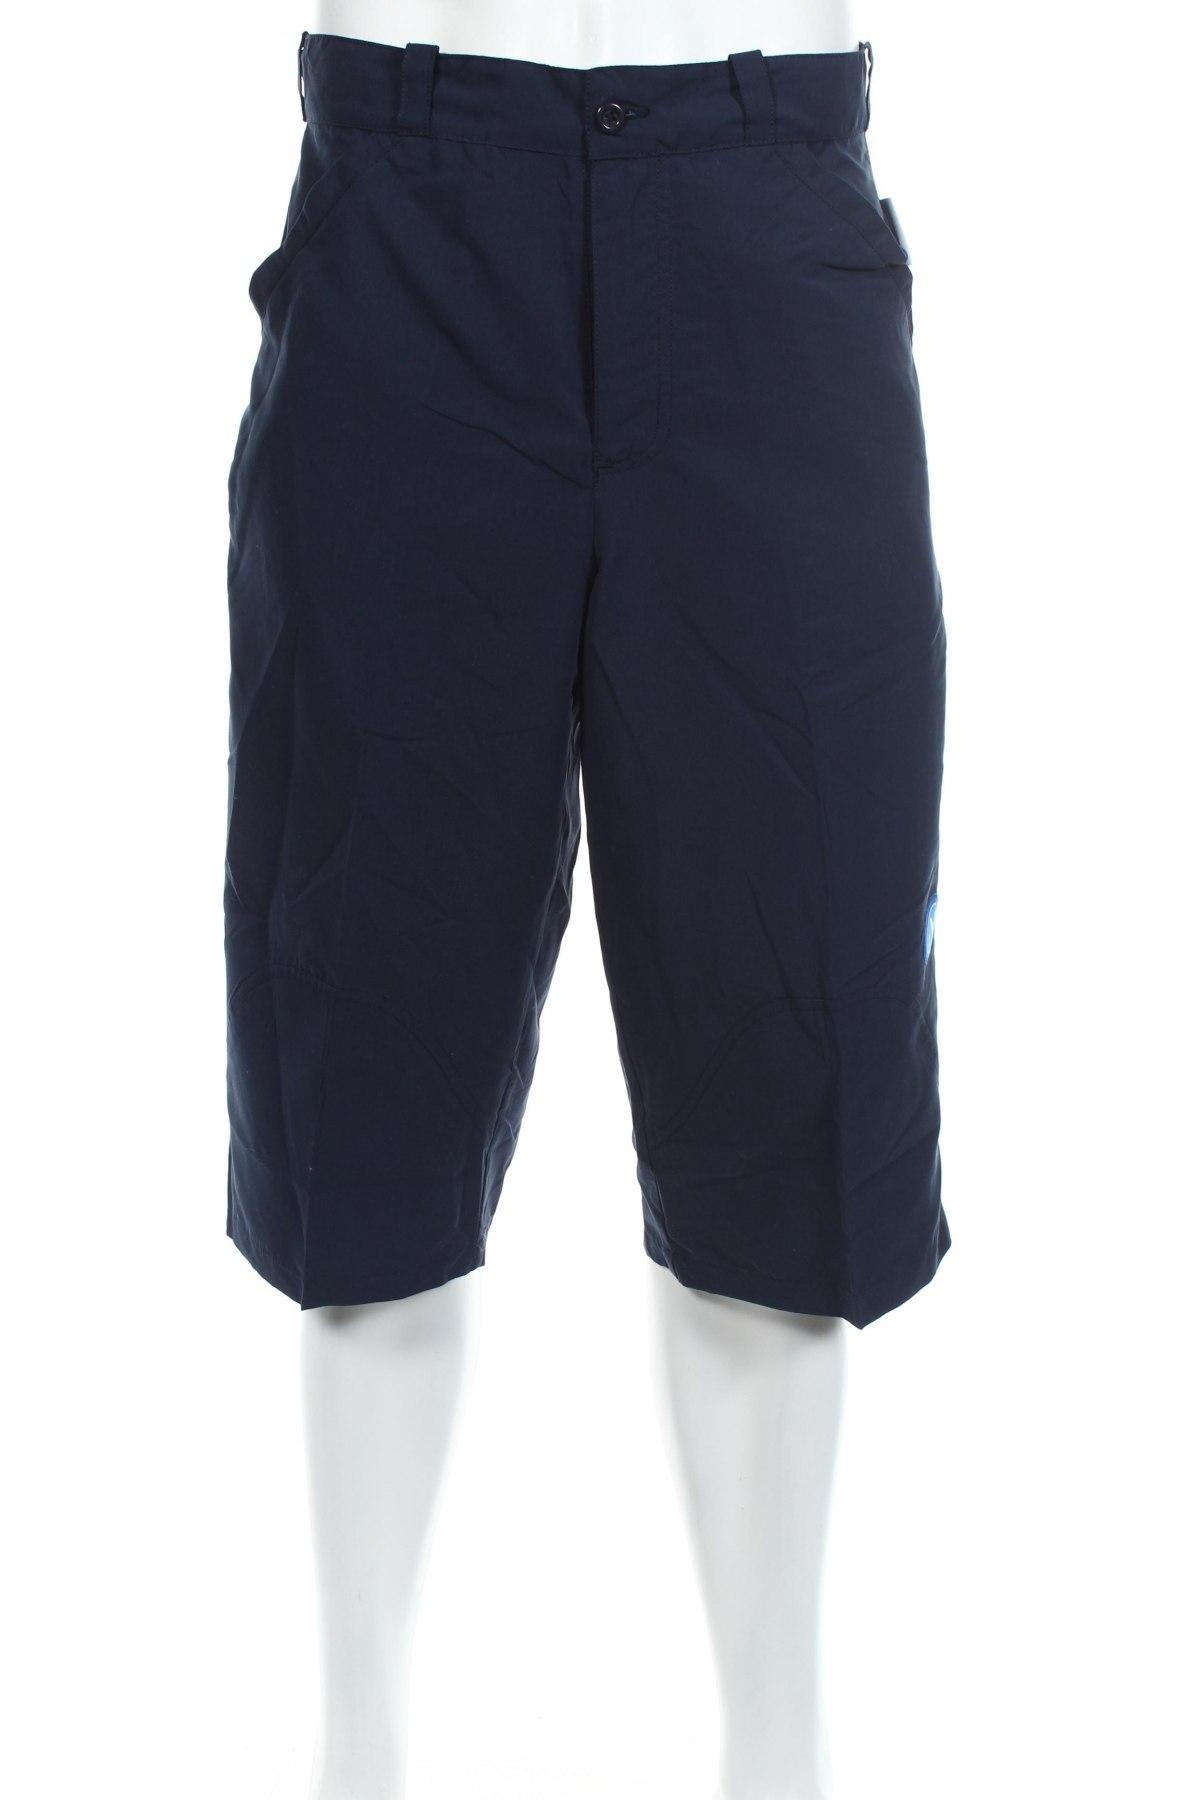 Мъжки спортен панталон Diadora, Размер S, Цвят Син, Полиестер, Цена 14,10лв.